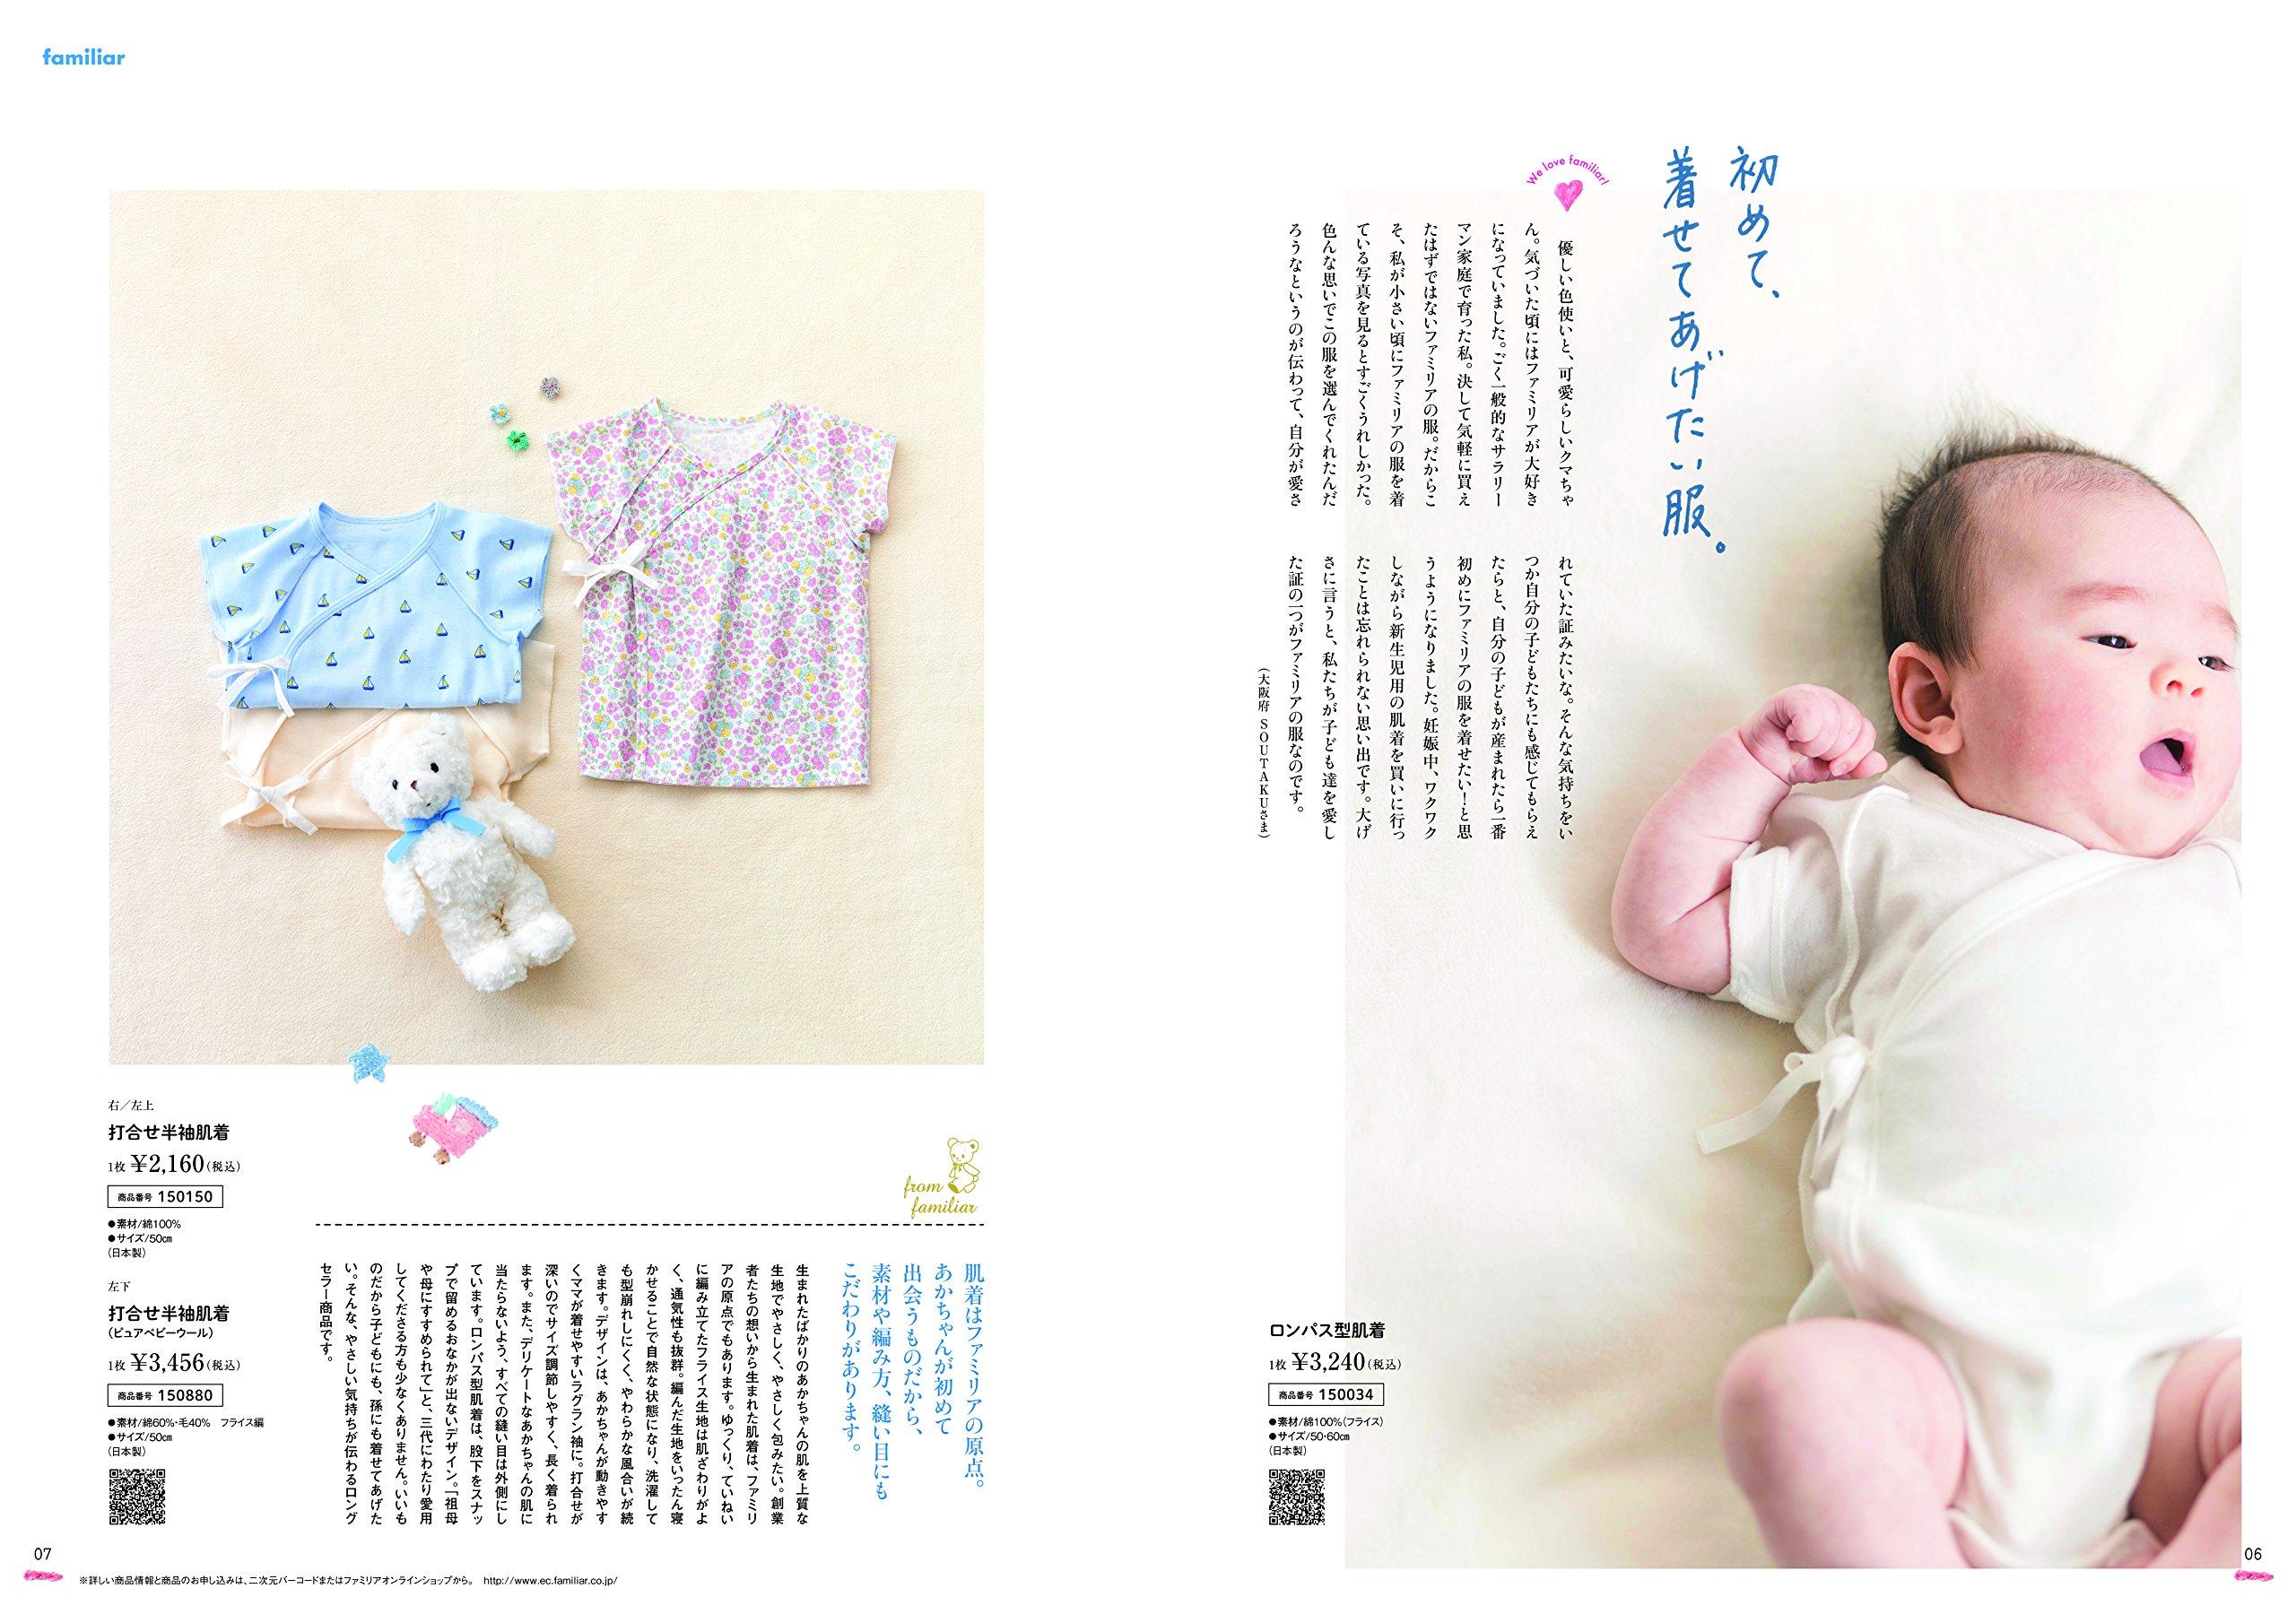 a7a9aef75fe3b familiar ファミリア  2017年春夏号 -ママのやさしさで選んだベビー服と雑貨のカタログ- ( カタログ )